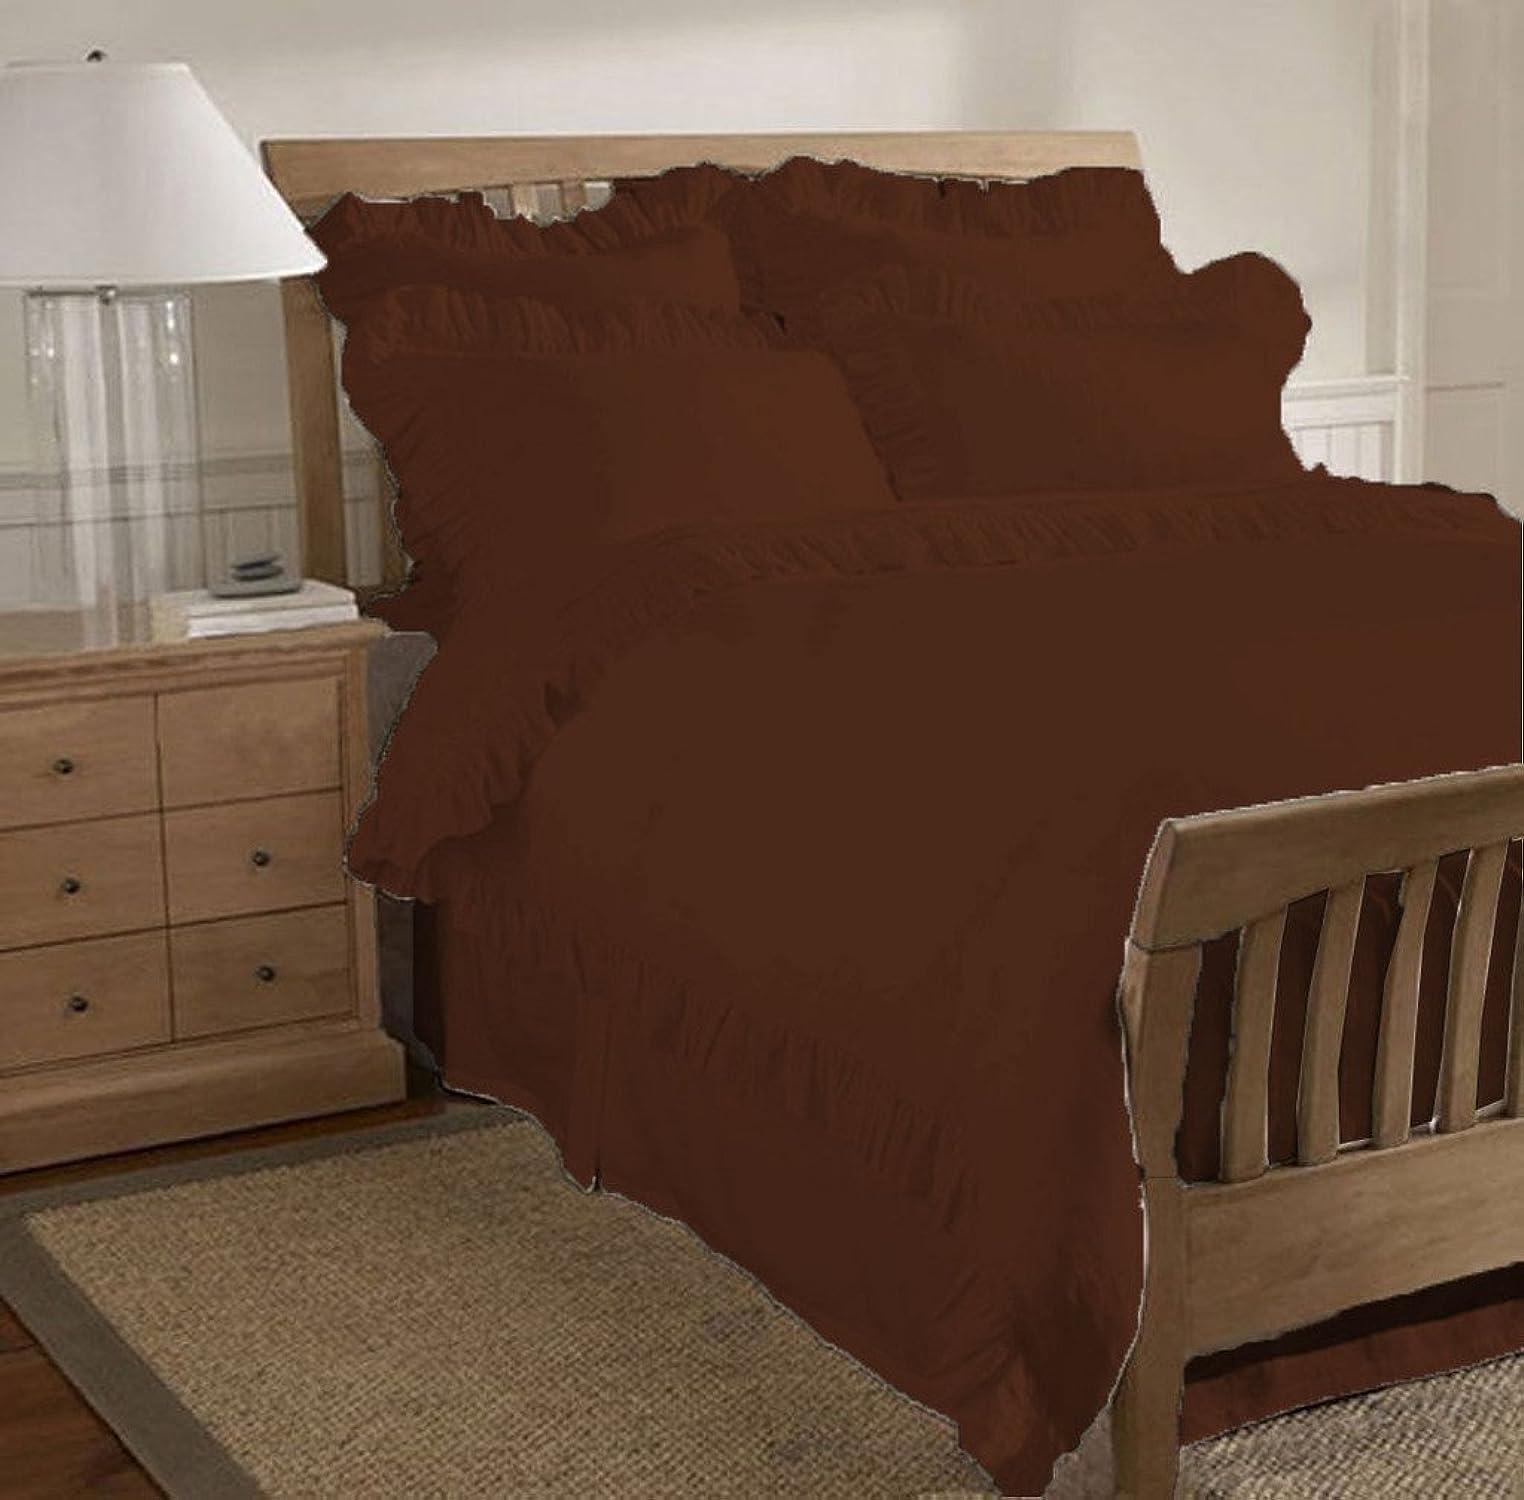 SCALABEDDING 500TC coton égypcravaten 1pièce Solid Edge volants Housse de couette King Chocolat